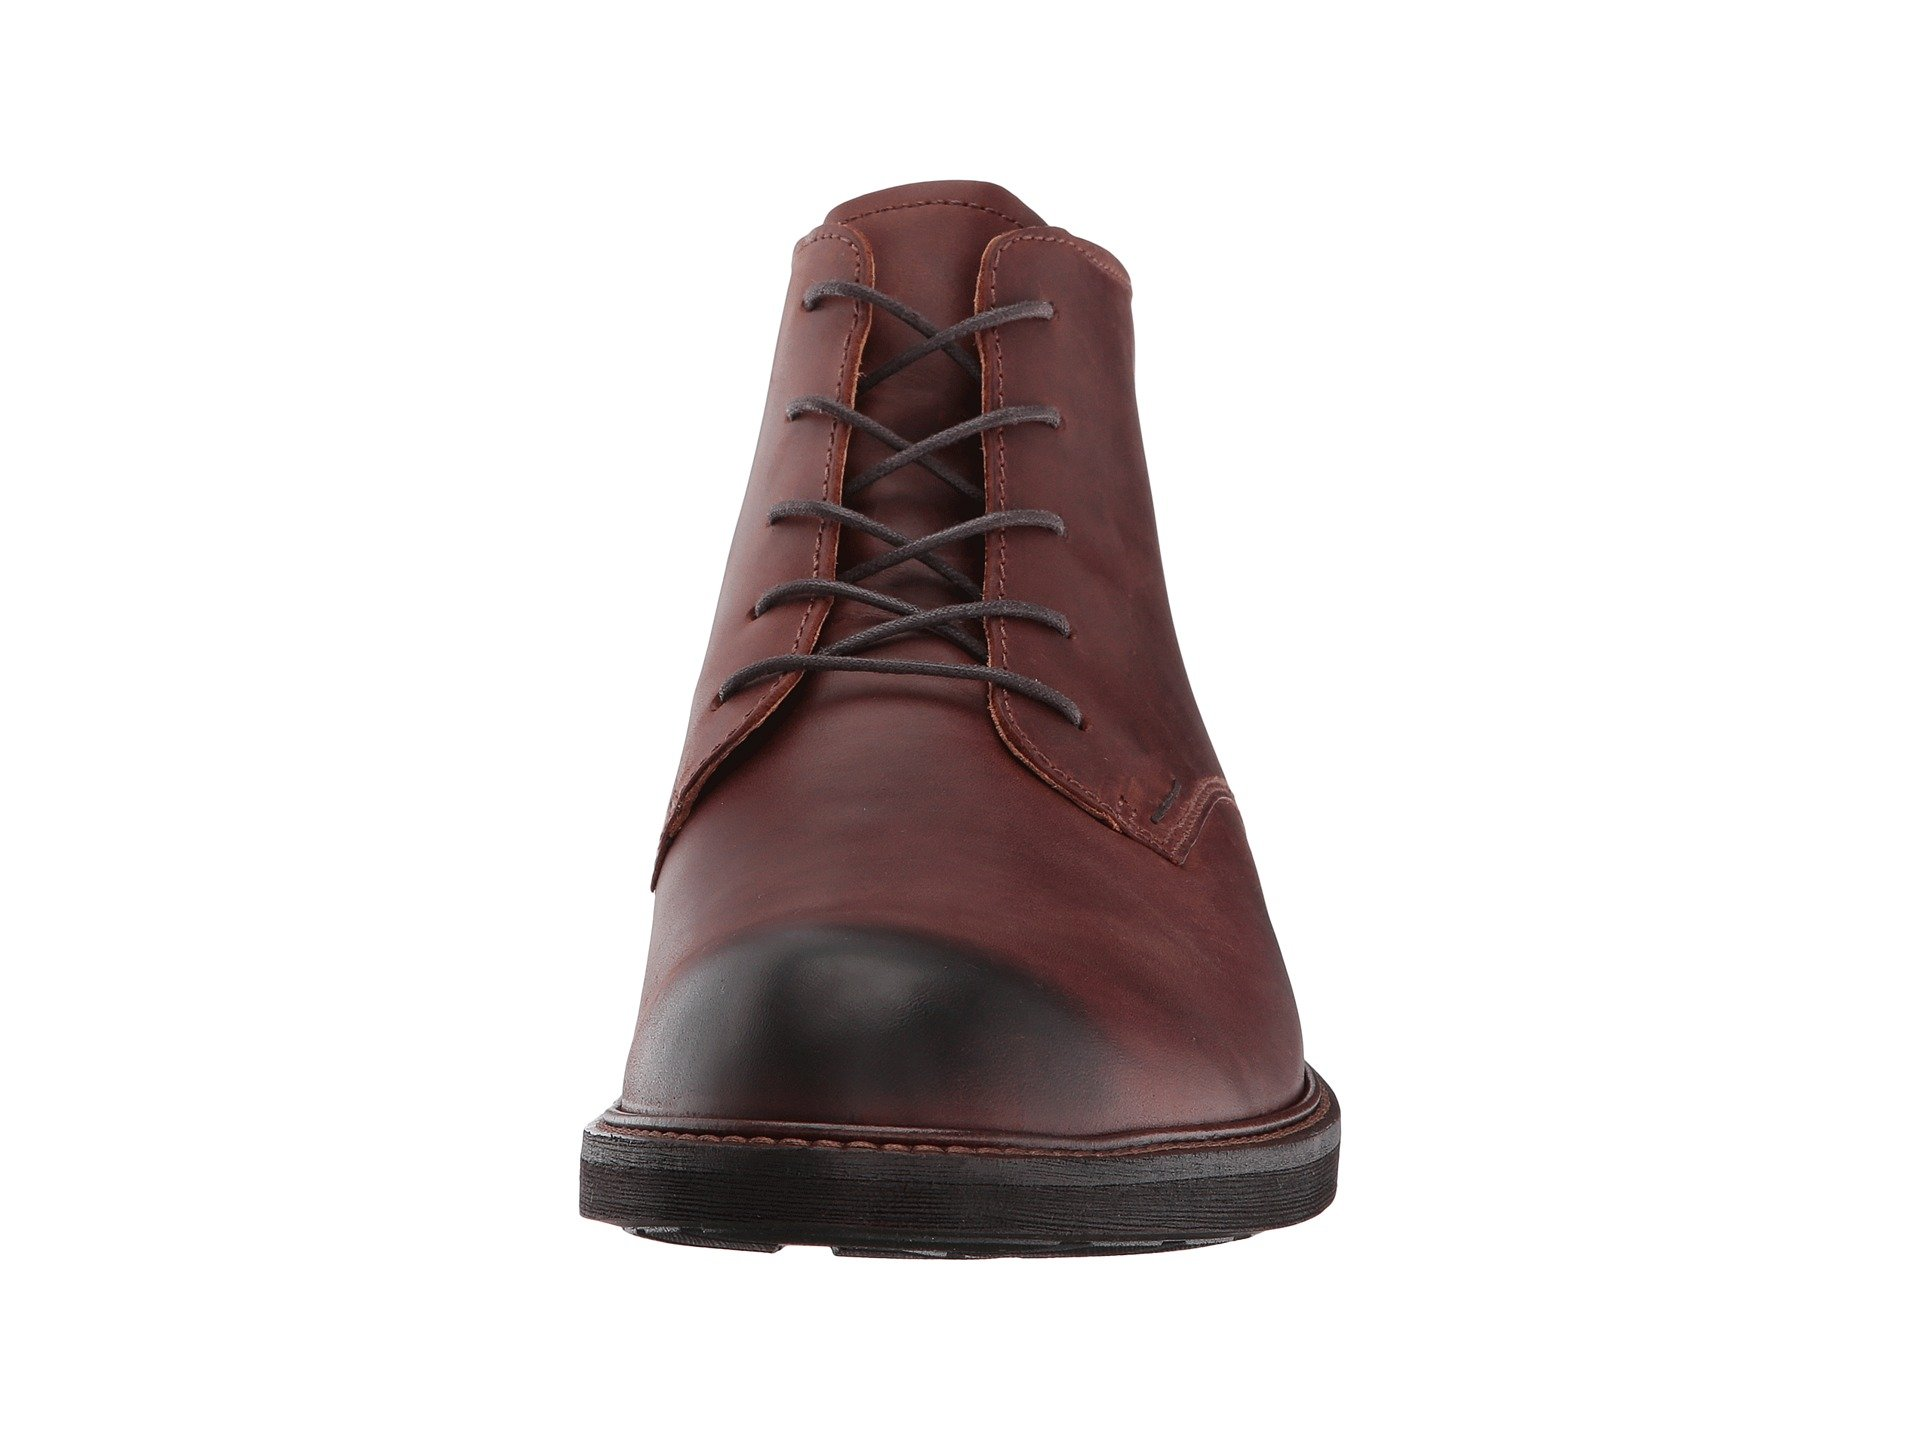 Ecco Kenton Plain Toe Boot At Zappos Com